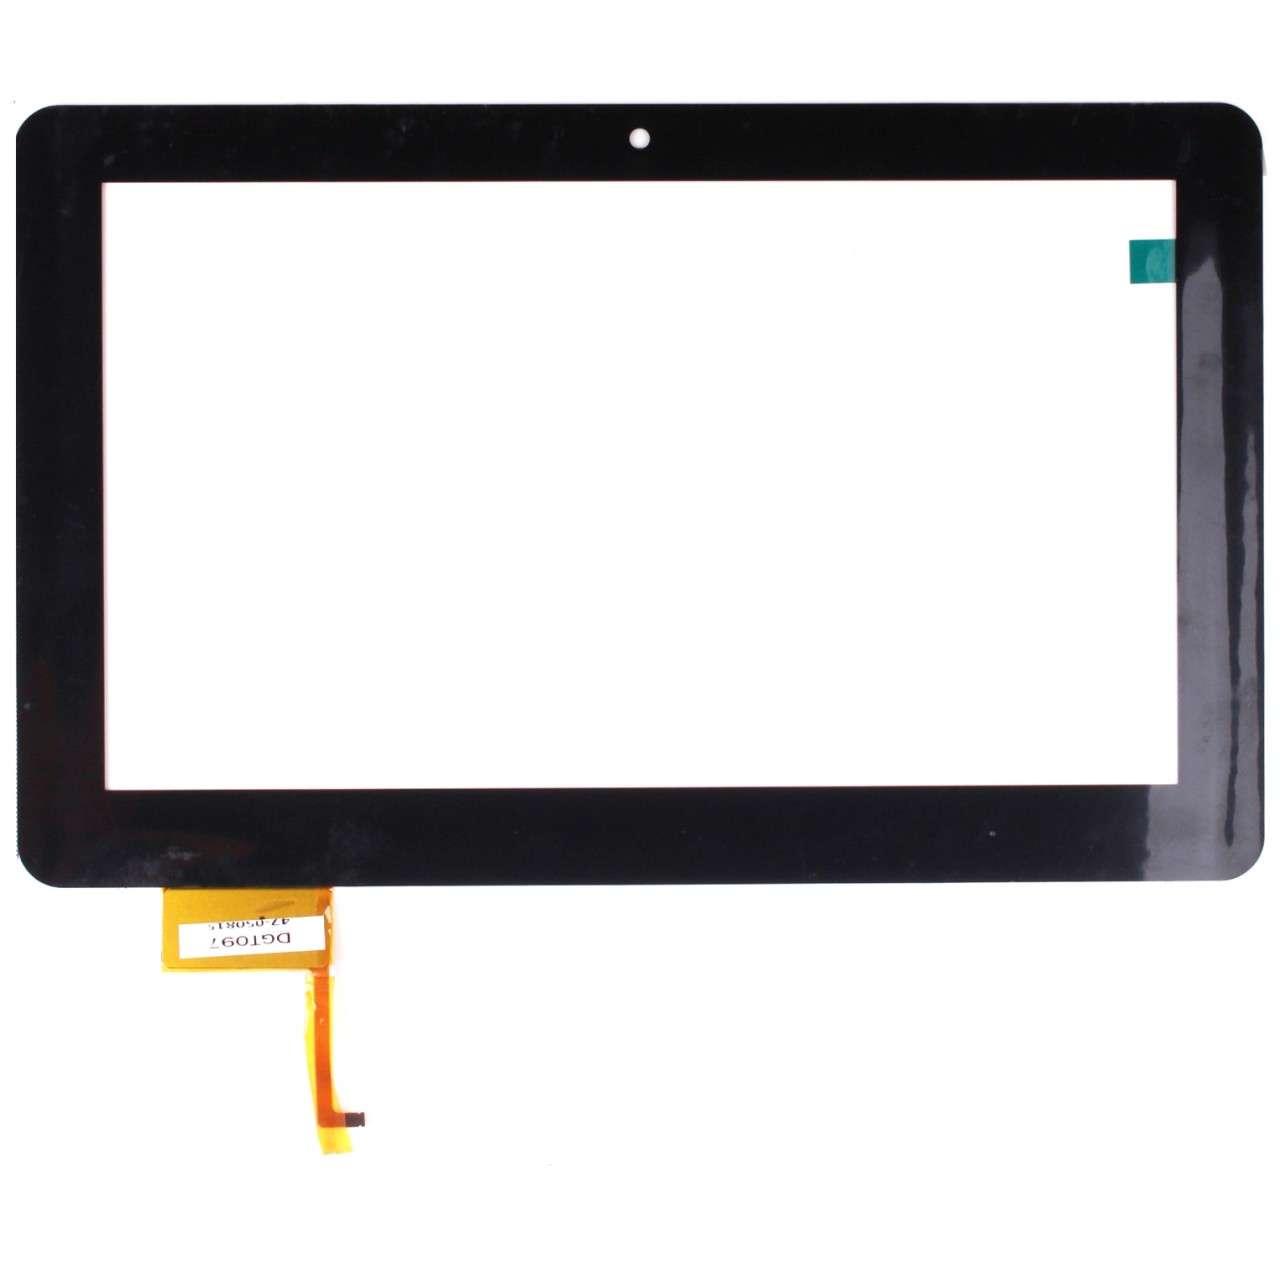 Touchscreen Digitizer Piranha Ultra III Tab 10.1 Zeus Geam Sticla Tableta imagine powerlaptop.ro 2021